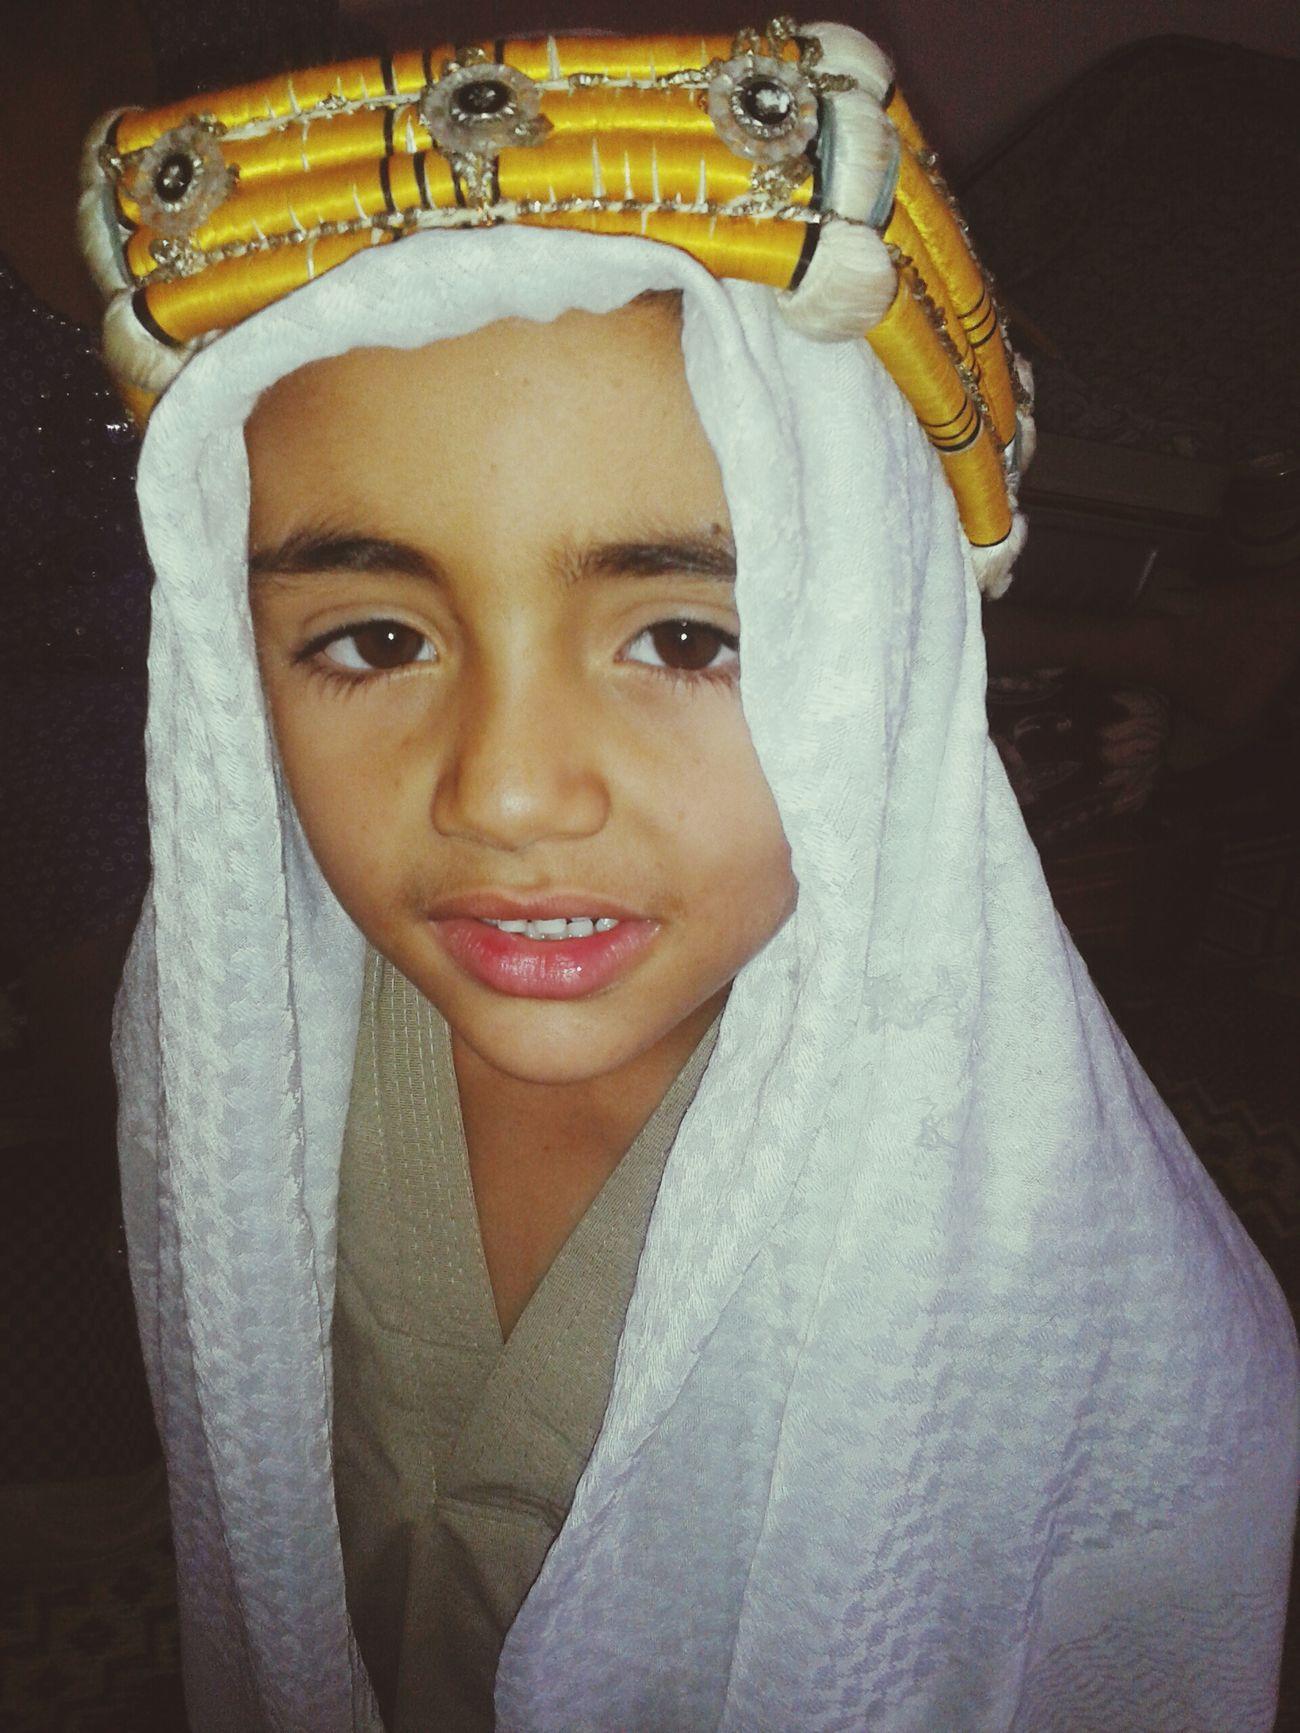 اطفالنا عبد العزيز. .اللباس التقليدي لجنوب الجزائر. يلبسه العريس على رأسه مع بقية اللباس والزينة.